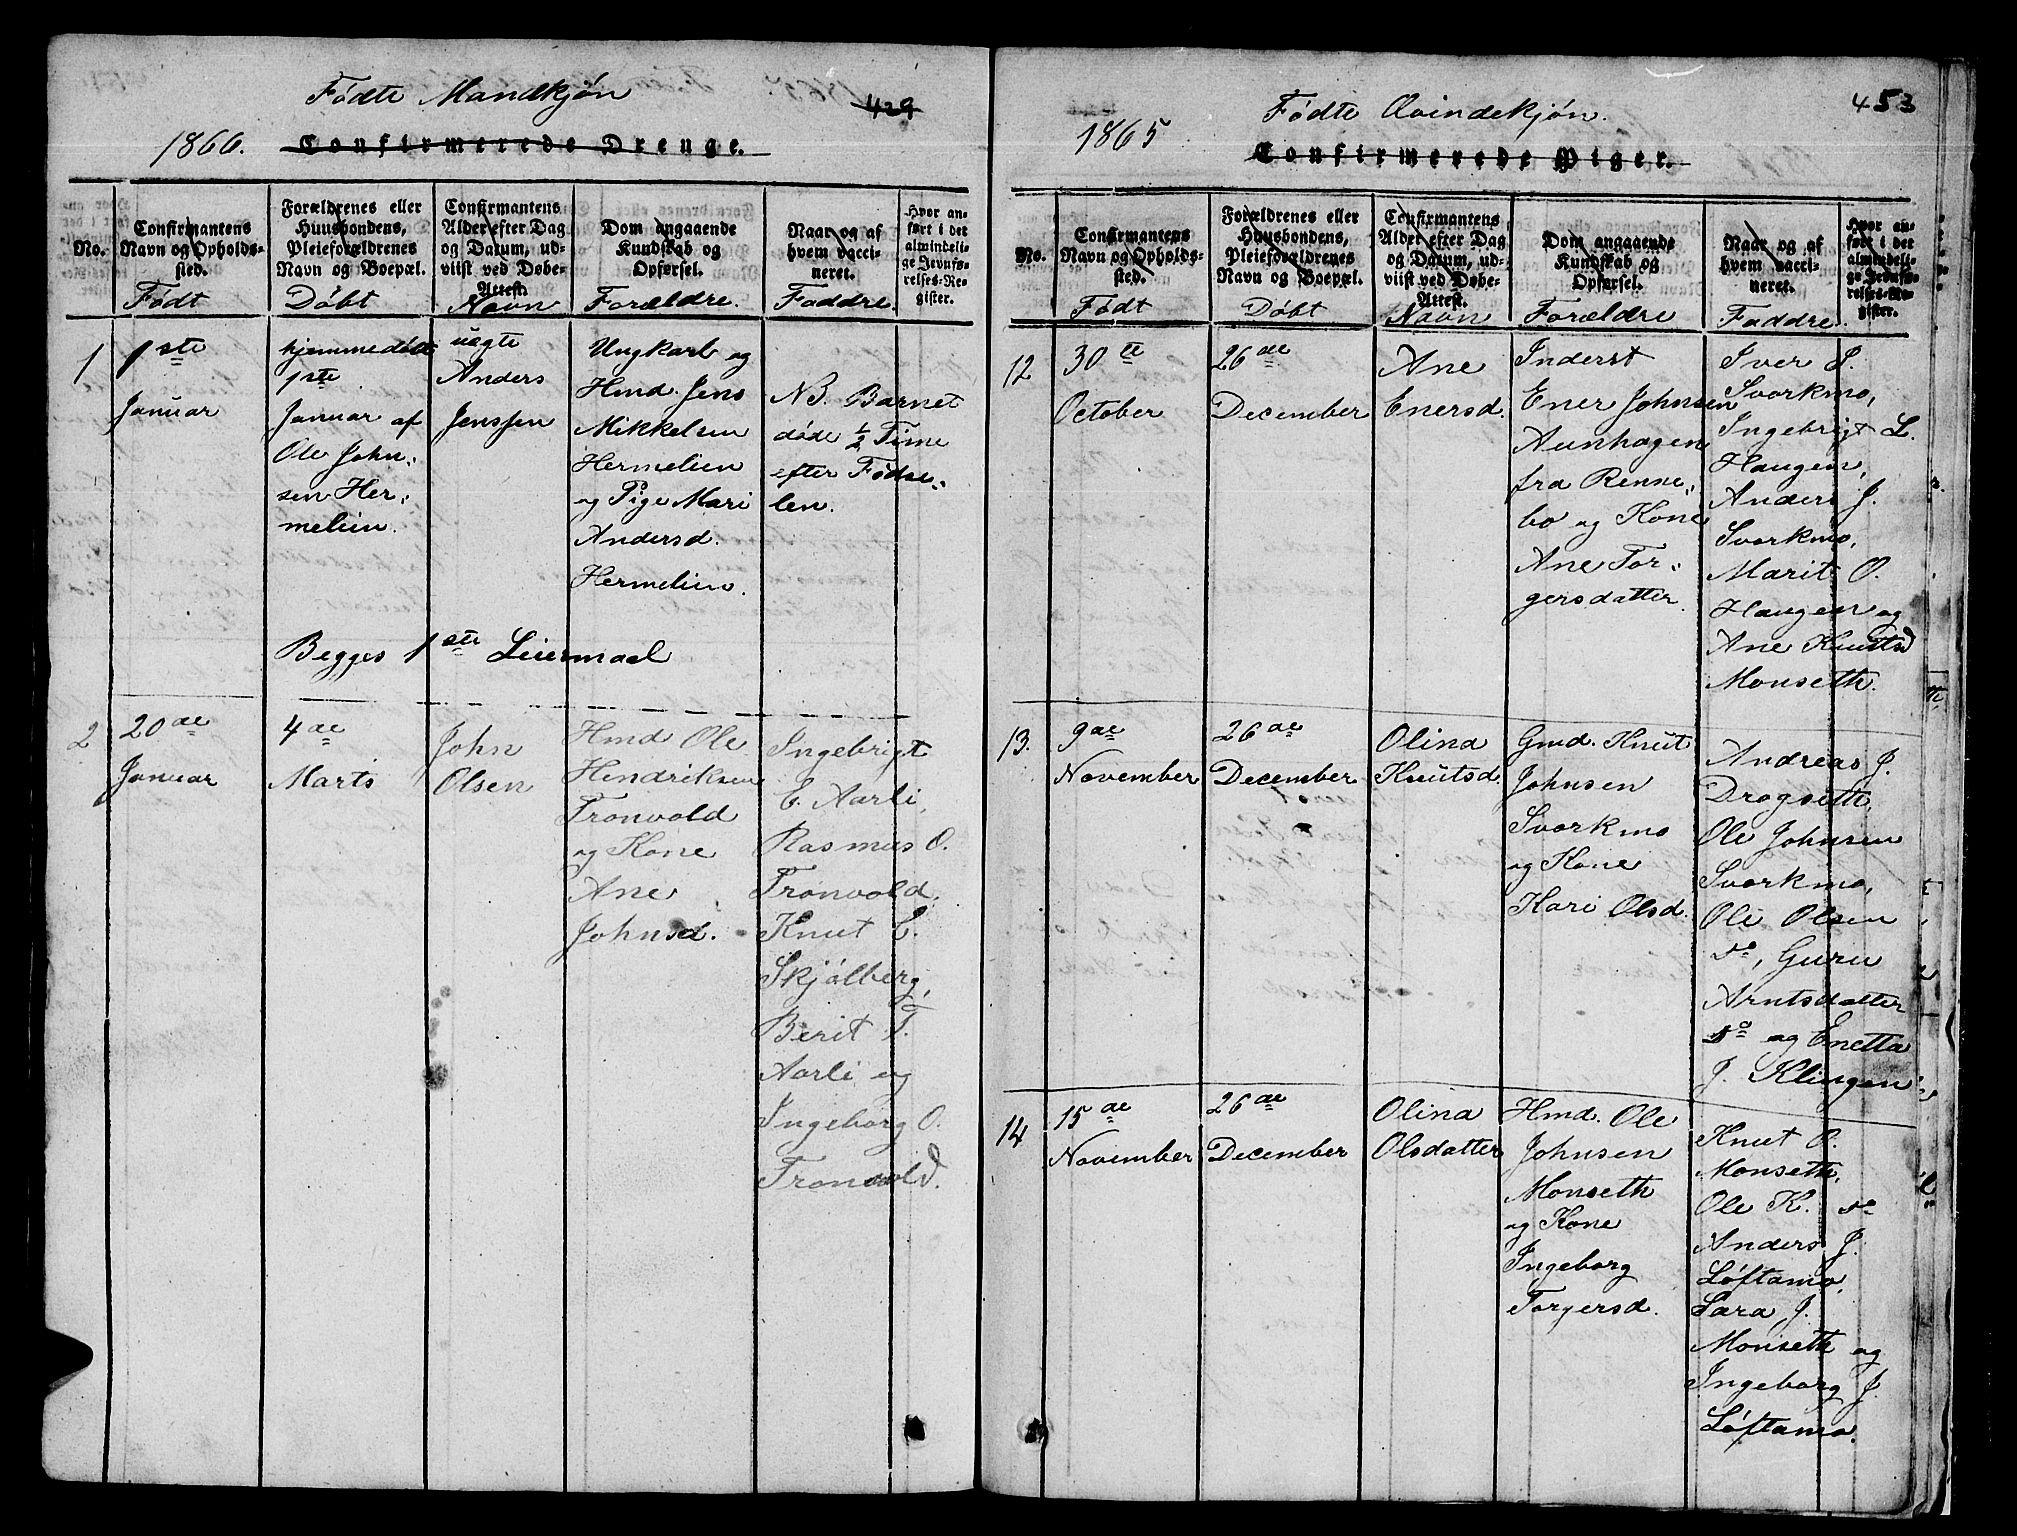 SAT, Ministerialprotokoller, klokkerbøker og fødselsregistre - Sør-Trøndelag, 671/L0842: Klokkerbok nr. 671C01, 1816-1867, s. 452-453